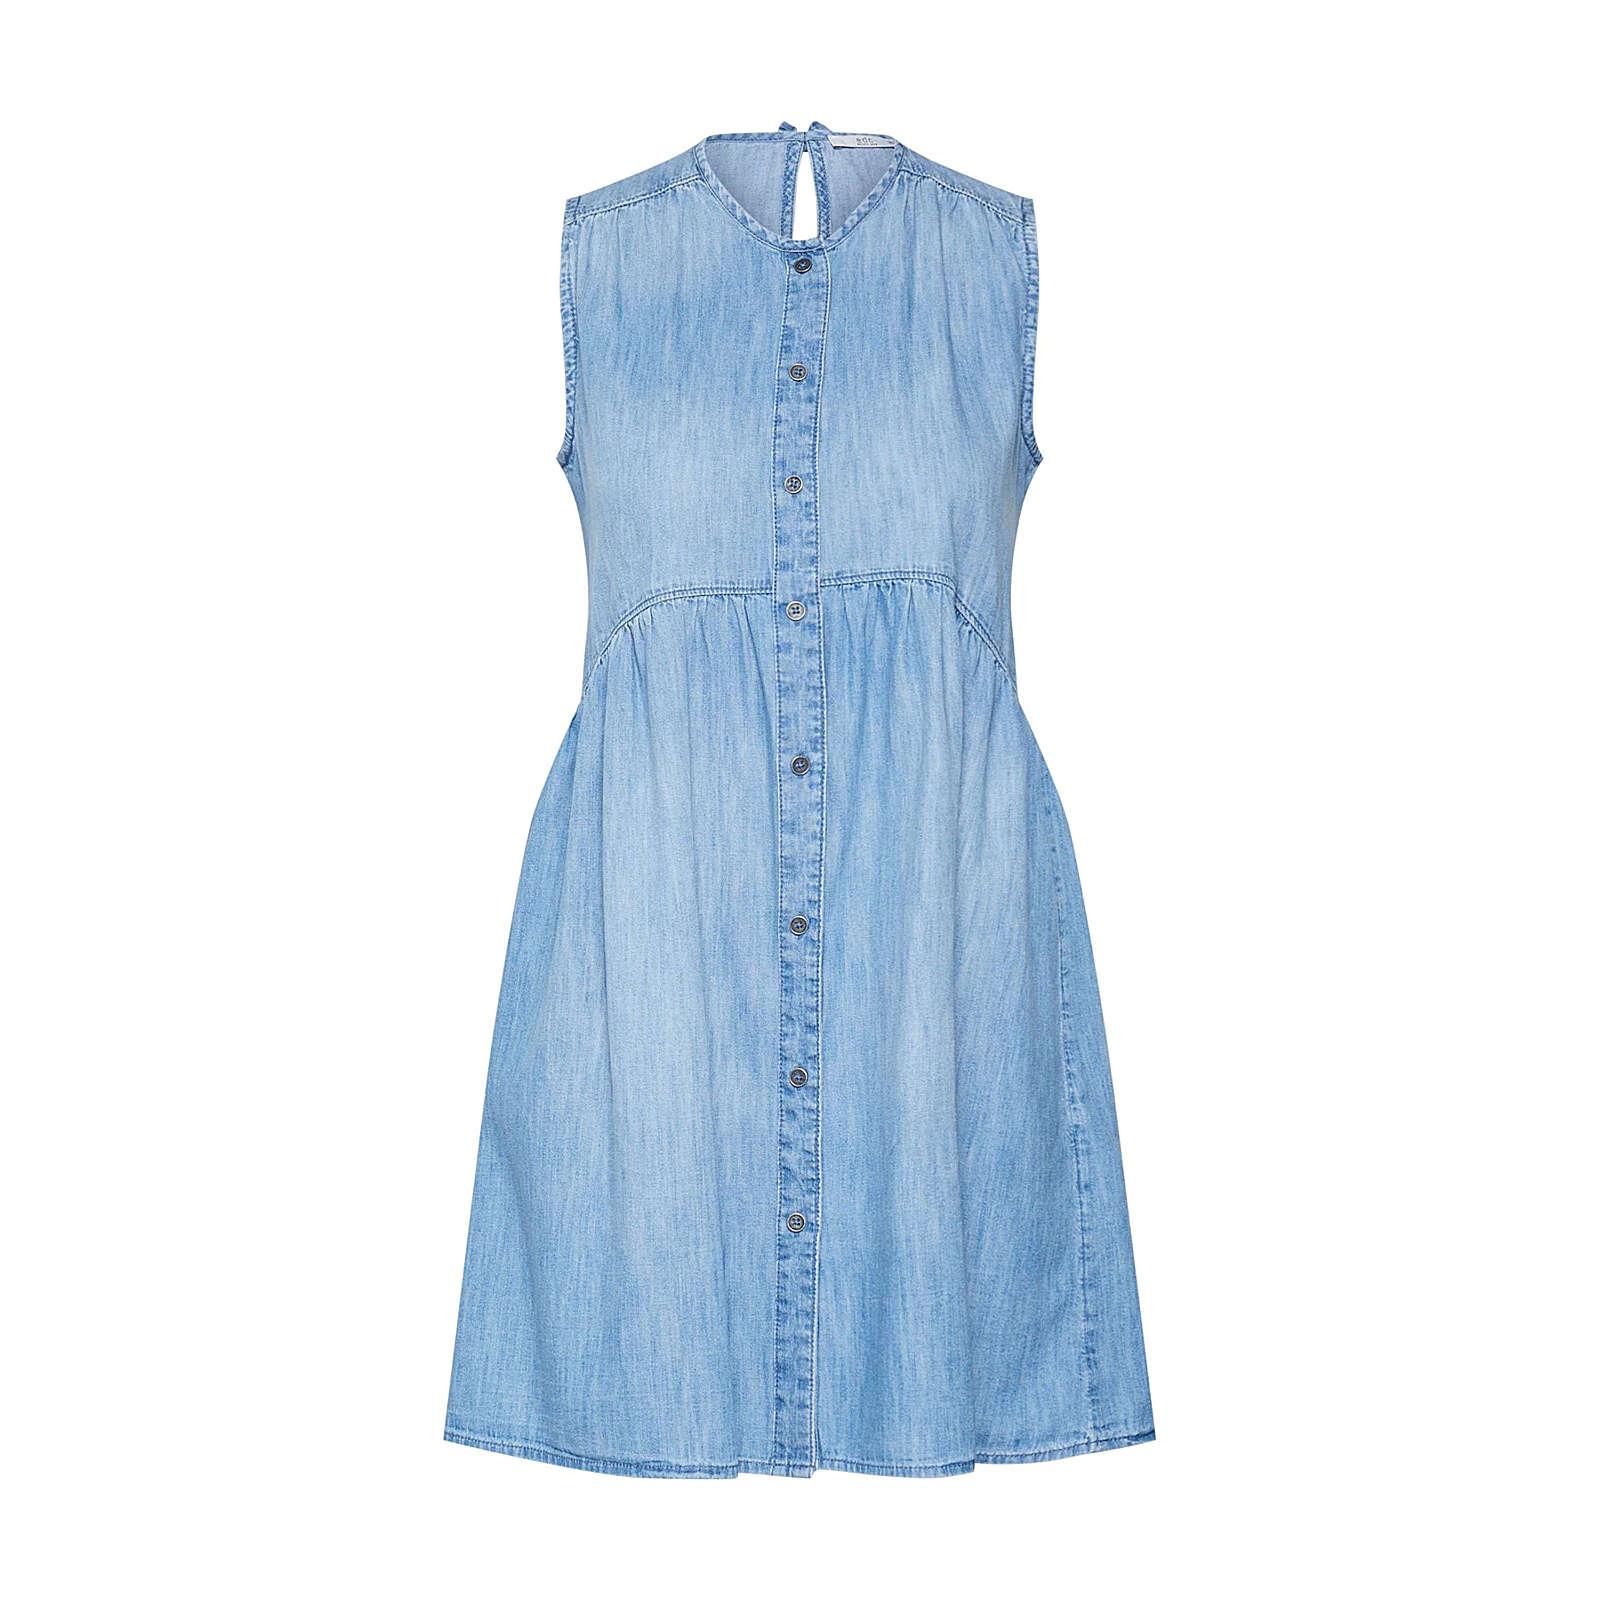 EDC BY ESPRIT Kleid MidWashCotton Jeanskleider blue denim Damen Gr. 36